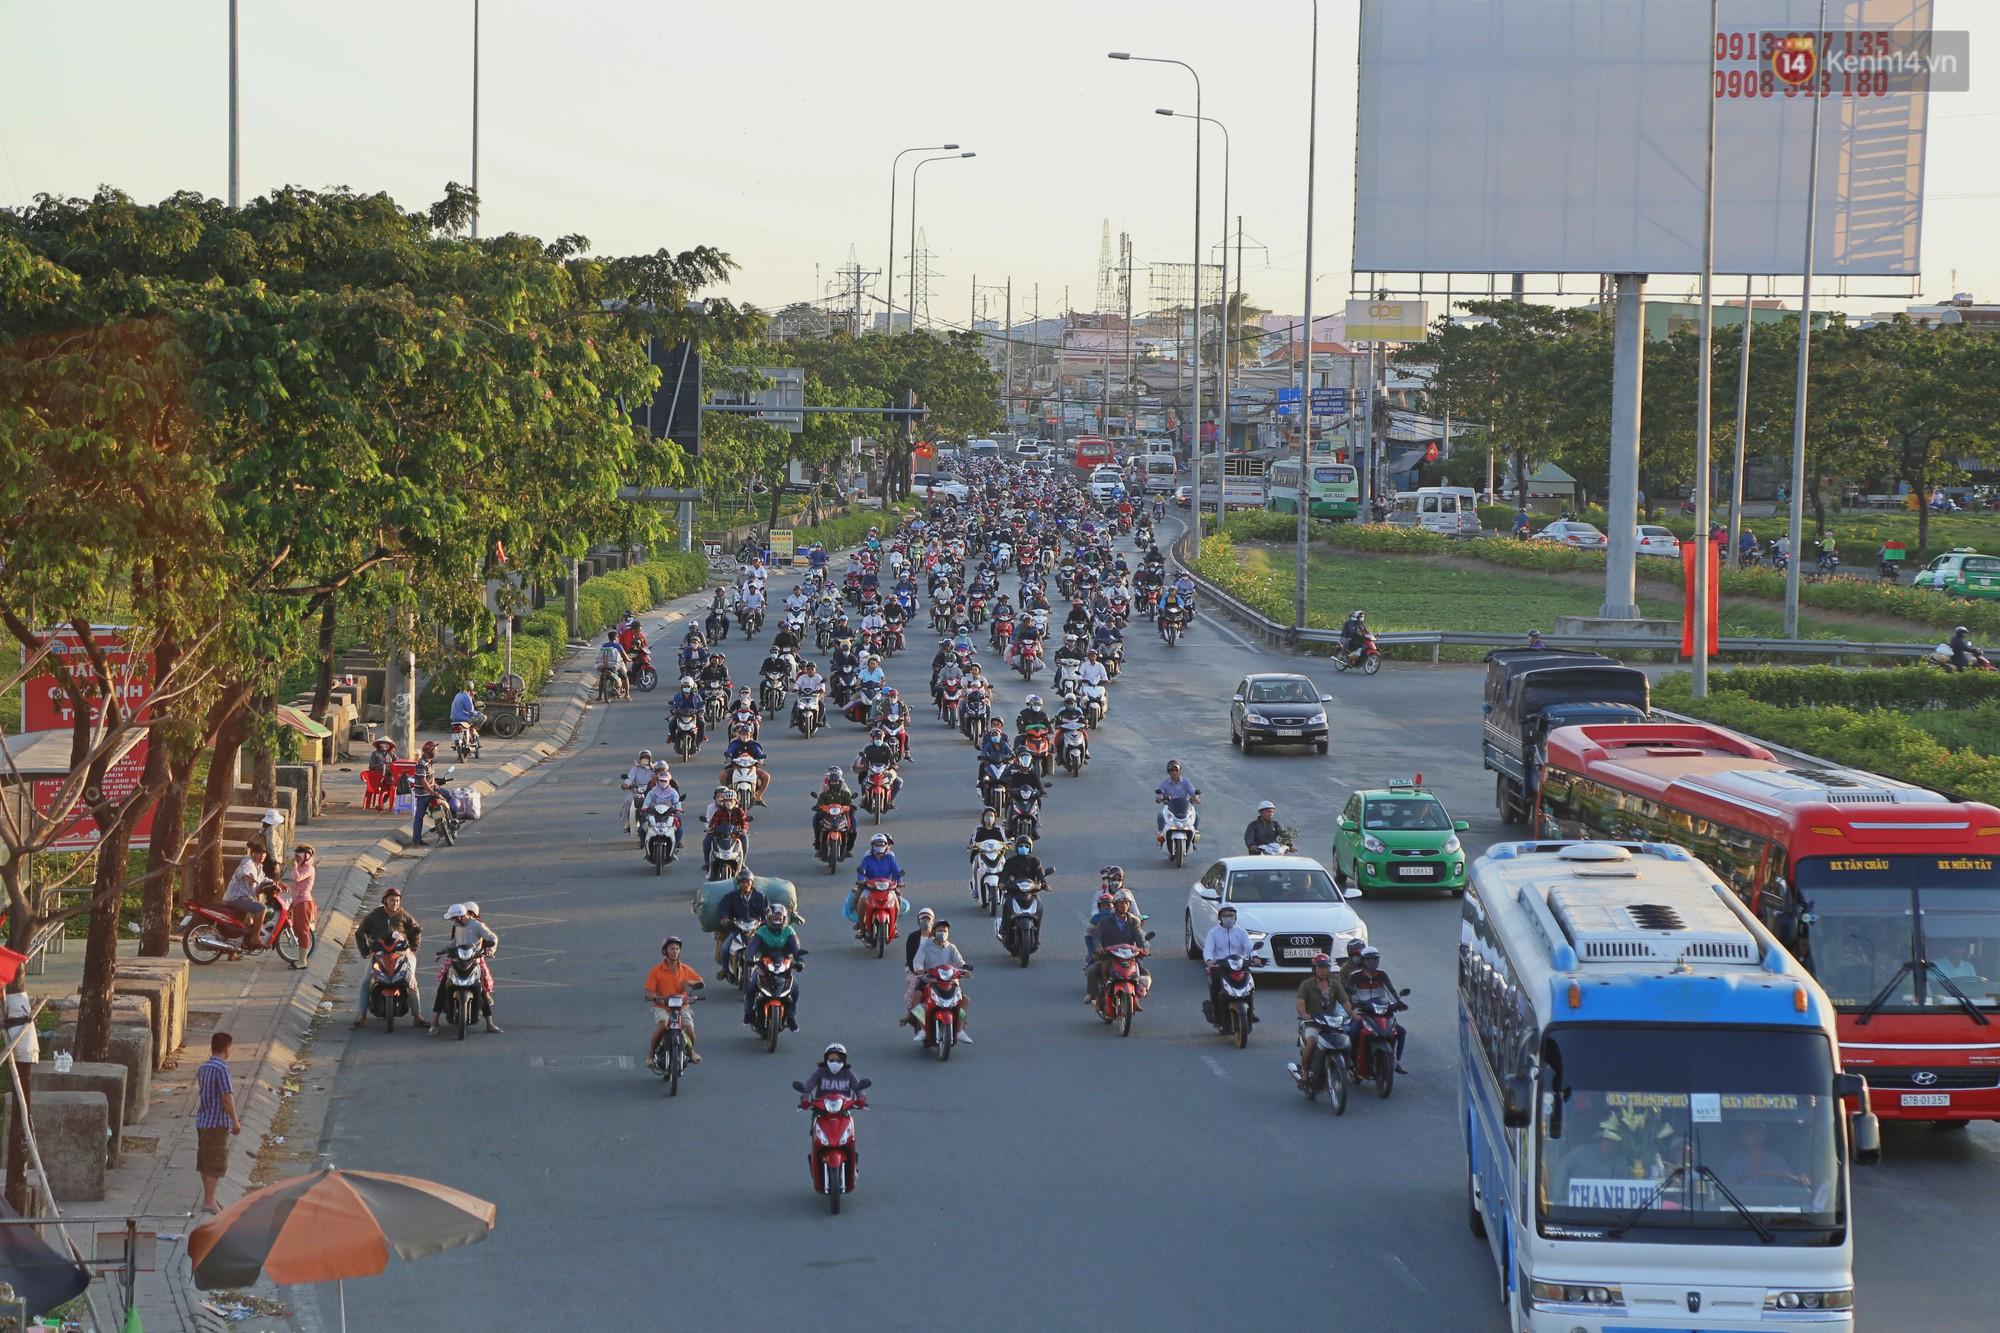 """""""Biển"""" người hối hả quay lại thành phố sau Tết gây ùn tắc nghiêm trọng khu vực cửa ngõ Sài Gòn - Ảnh 15."""